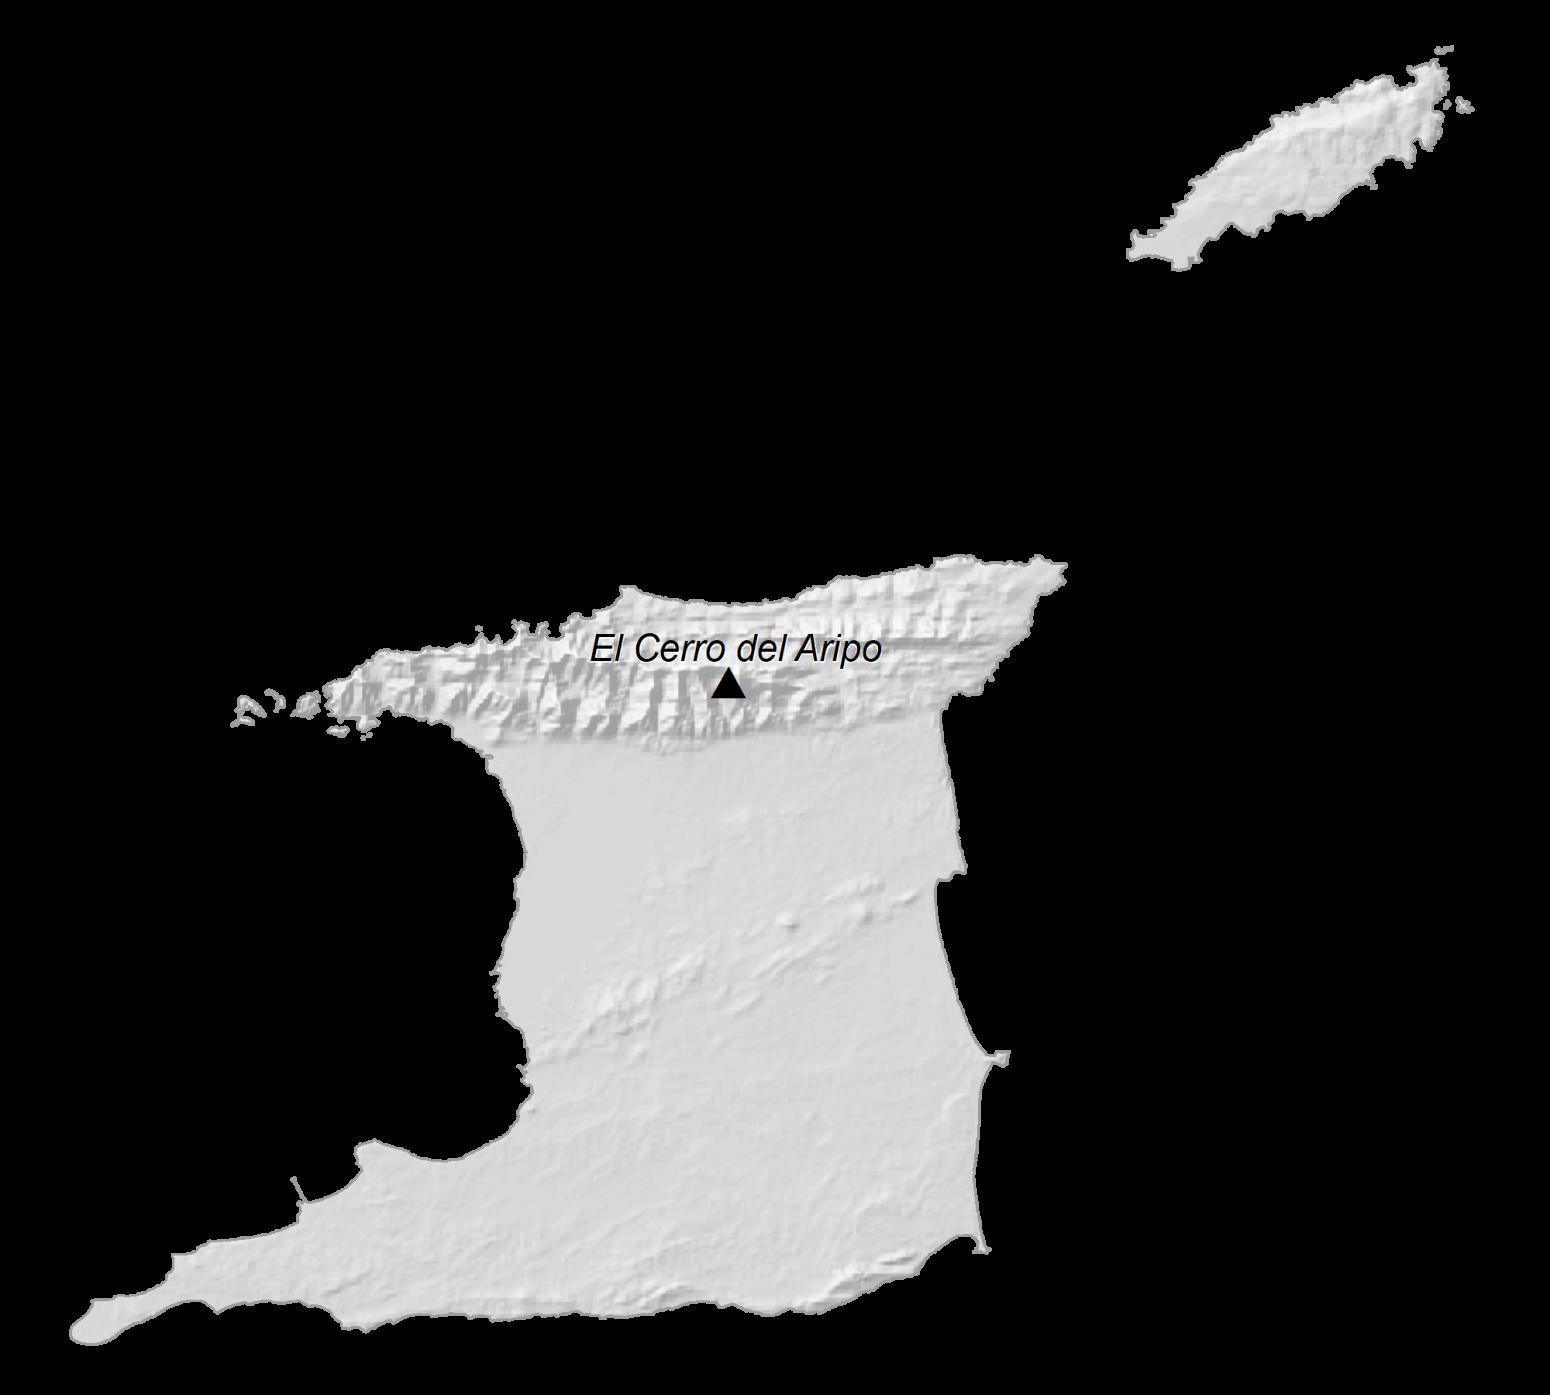 Trinidad and Tobago Elevation Map